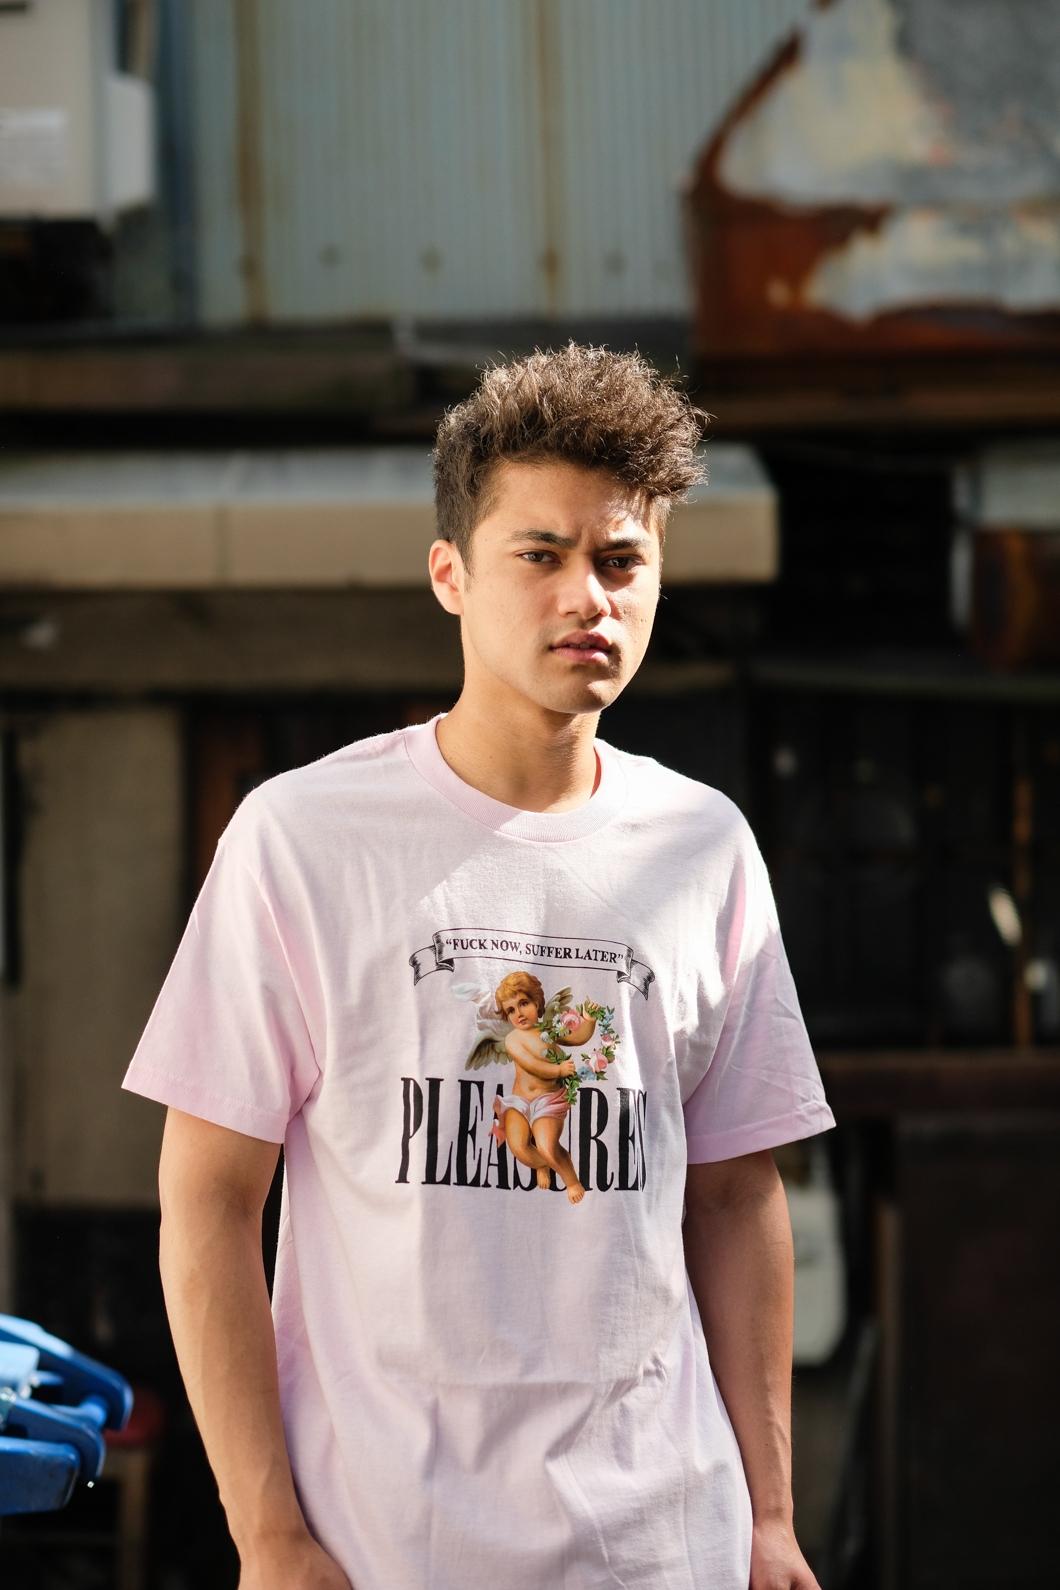 【PLEASURES/プレジャーズ】SUFFER T-SHIRT Tシャツ / PINK